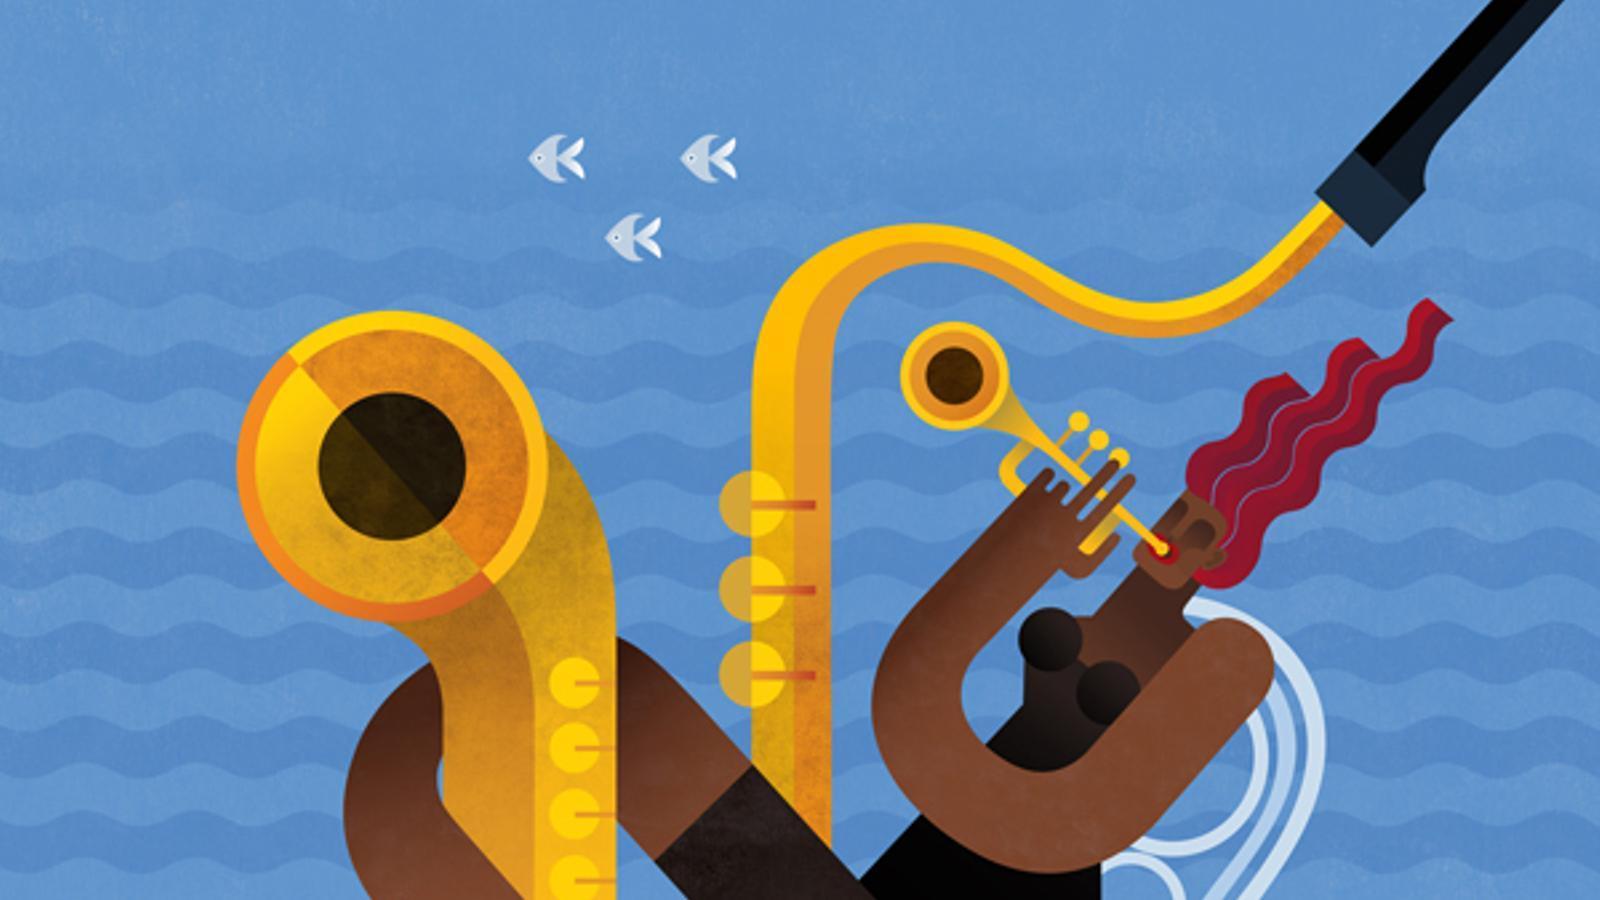 Cartell del festival de jazz de Monterrey